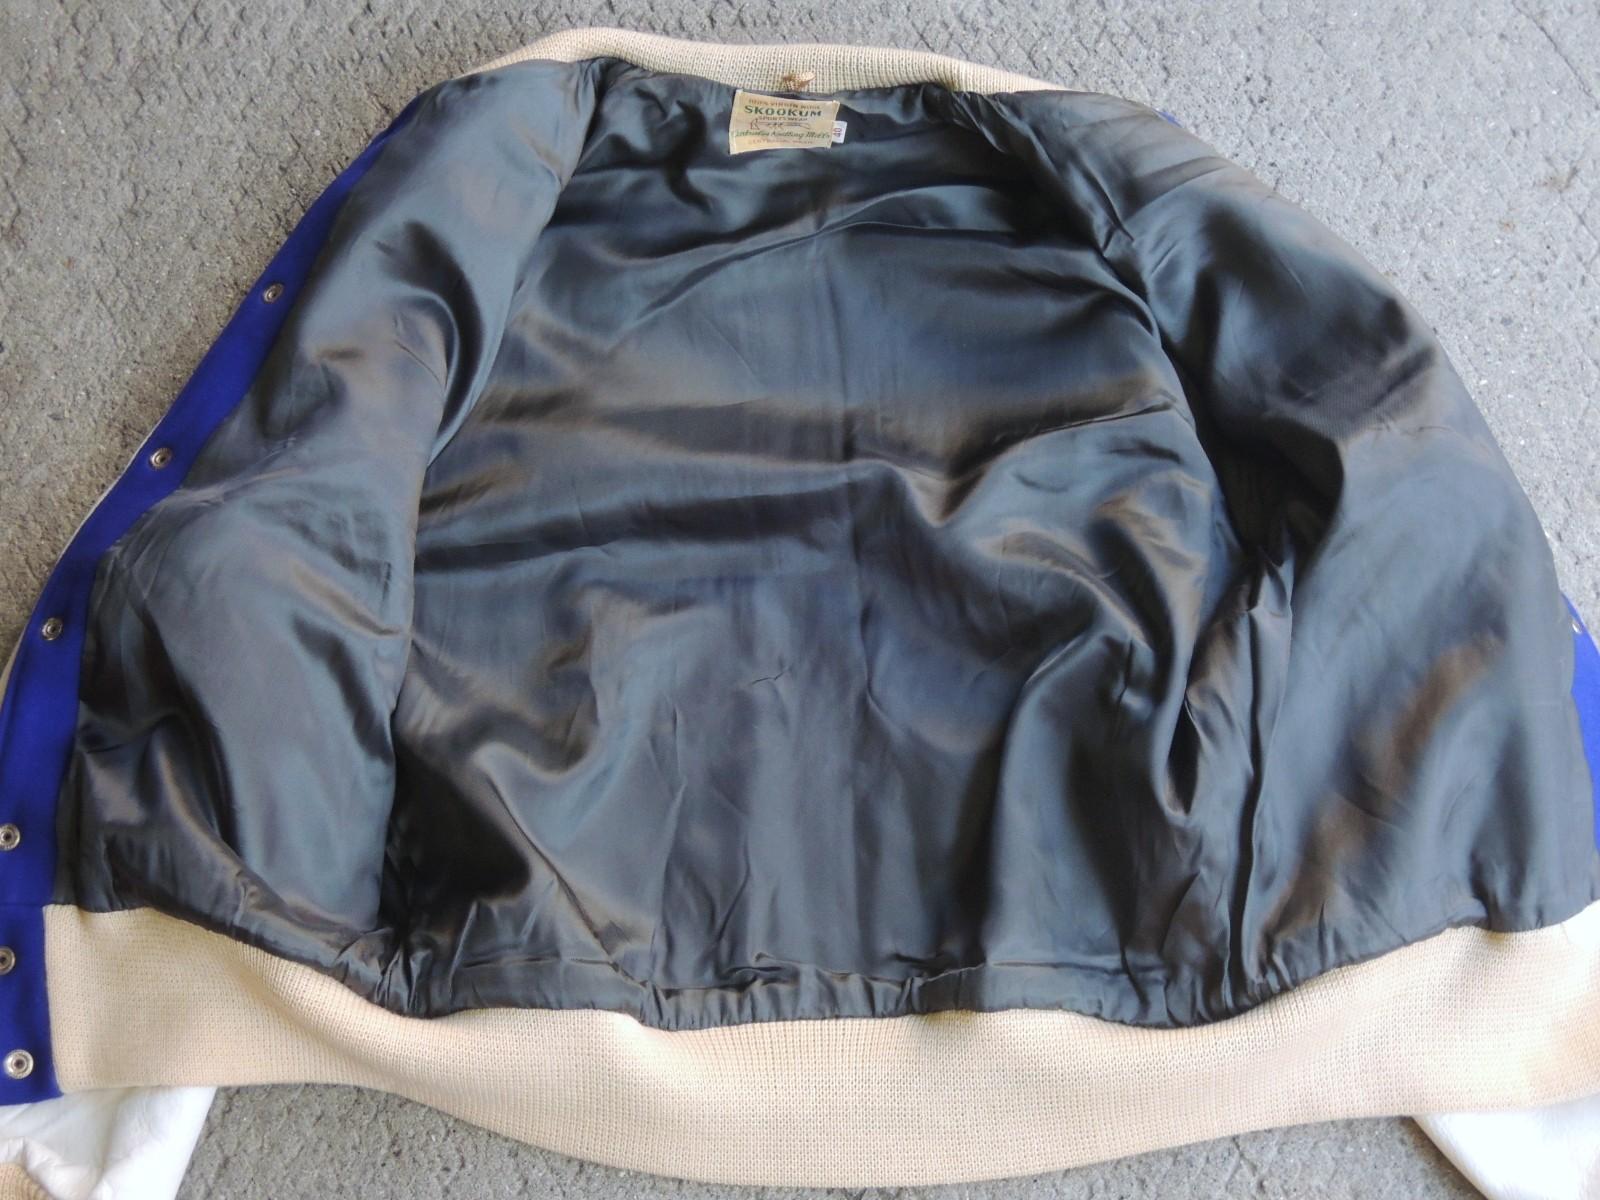 skookumvirsityjacket08.JPG